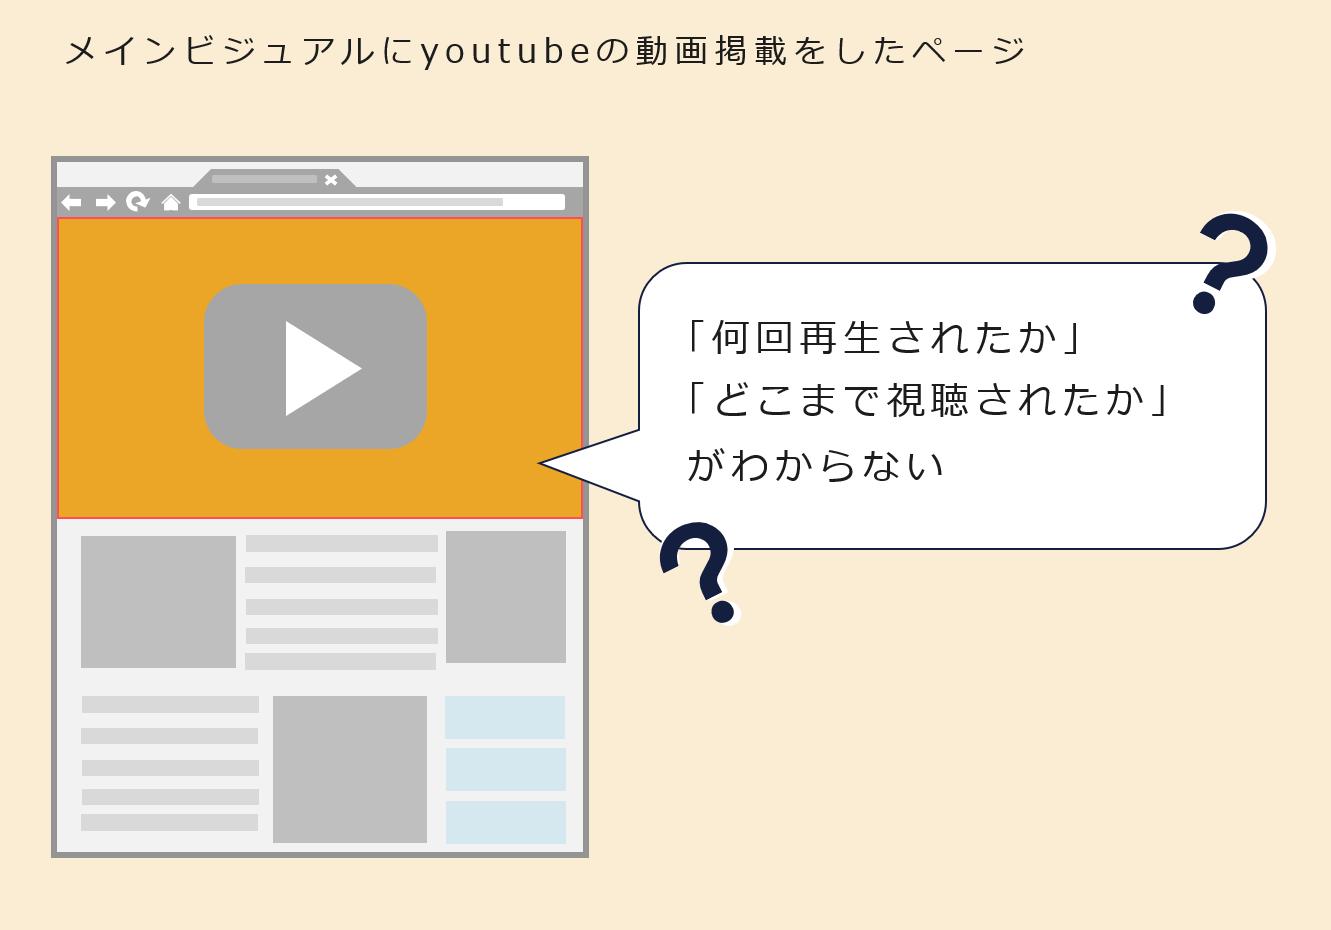 (図:サイト上にYouTube動画掲載をしているイメージ)